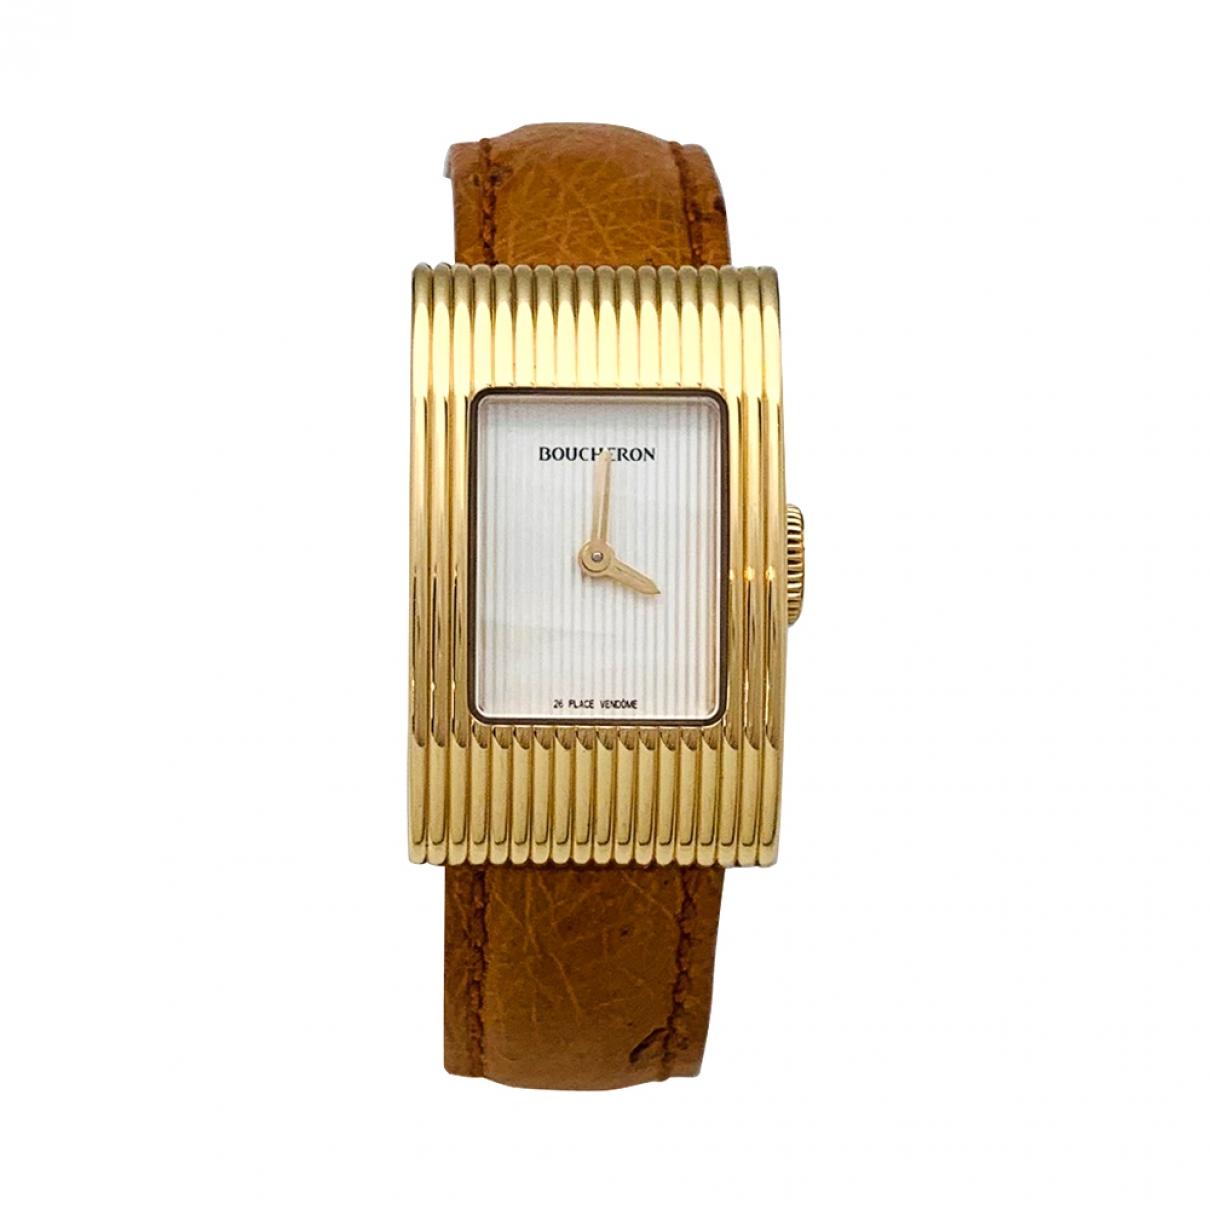 Boucheron Reflet Uhr in Gelbgold